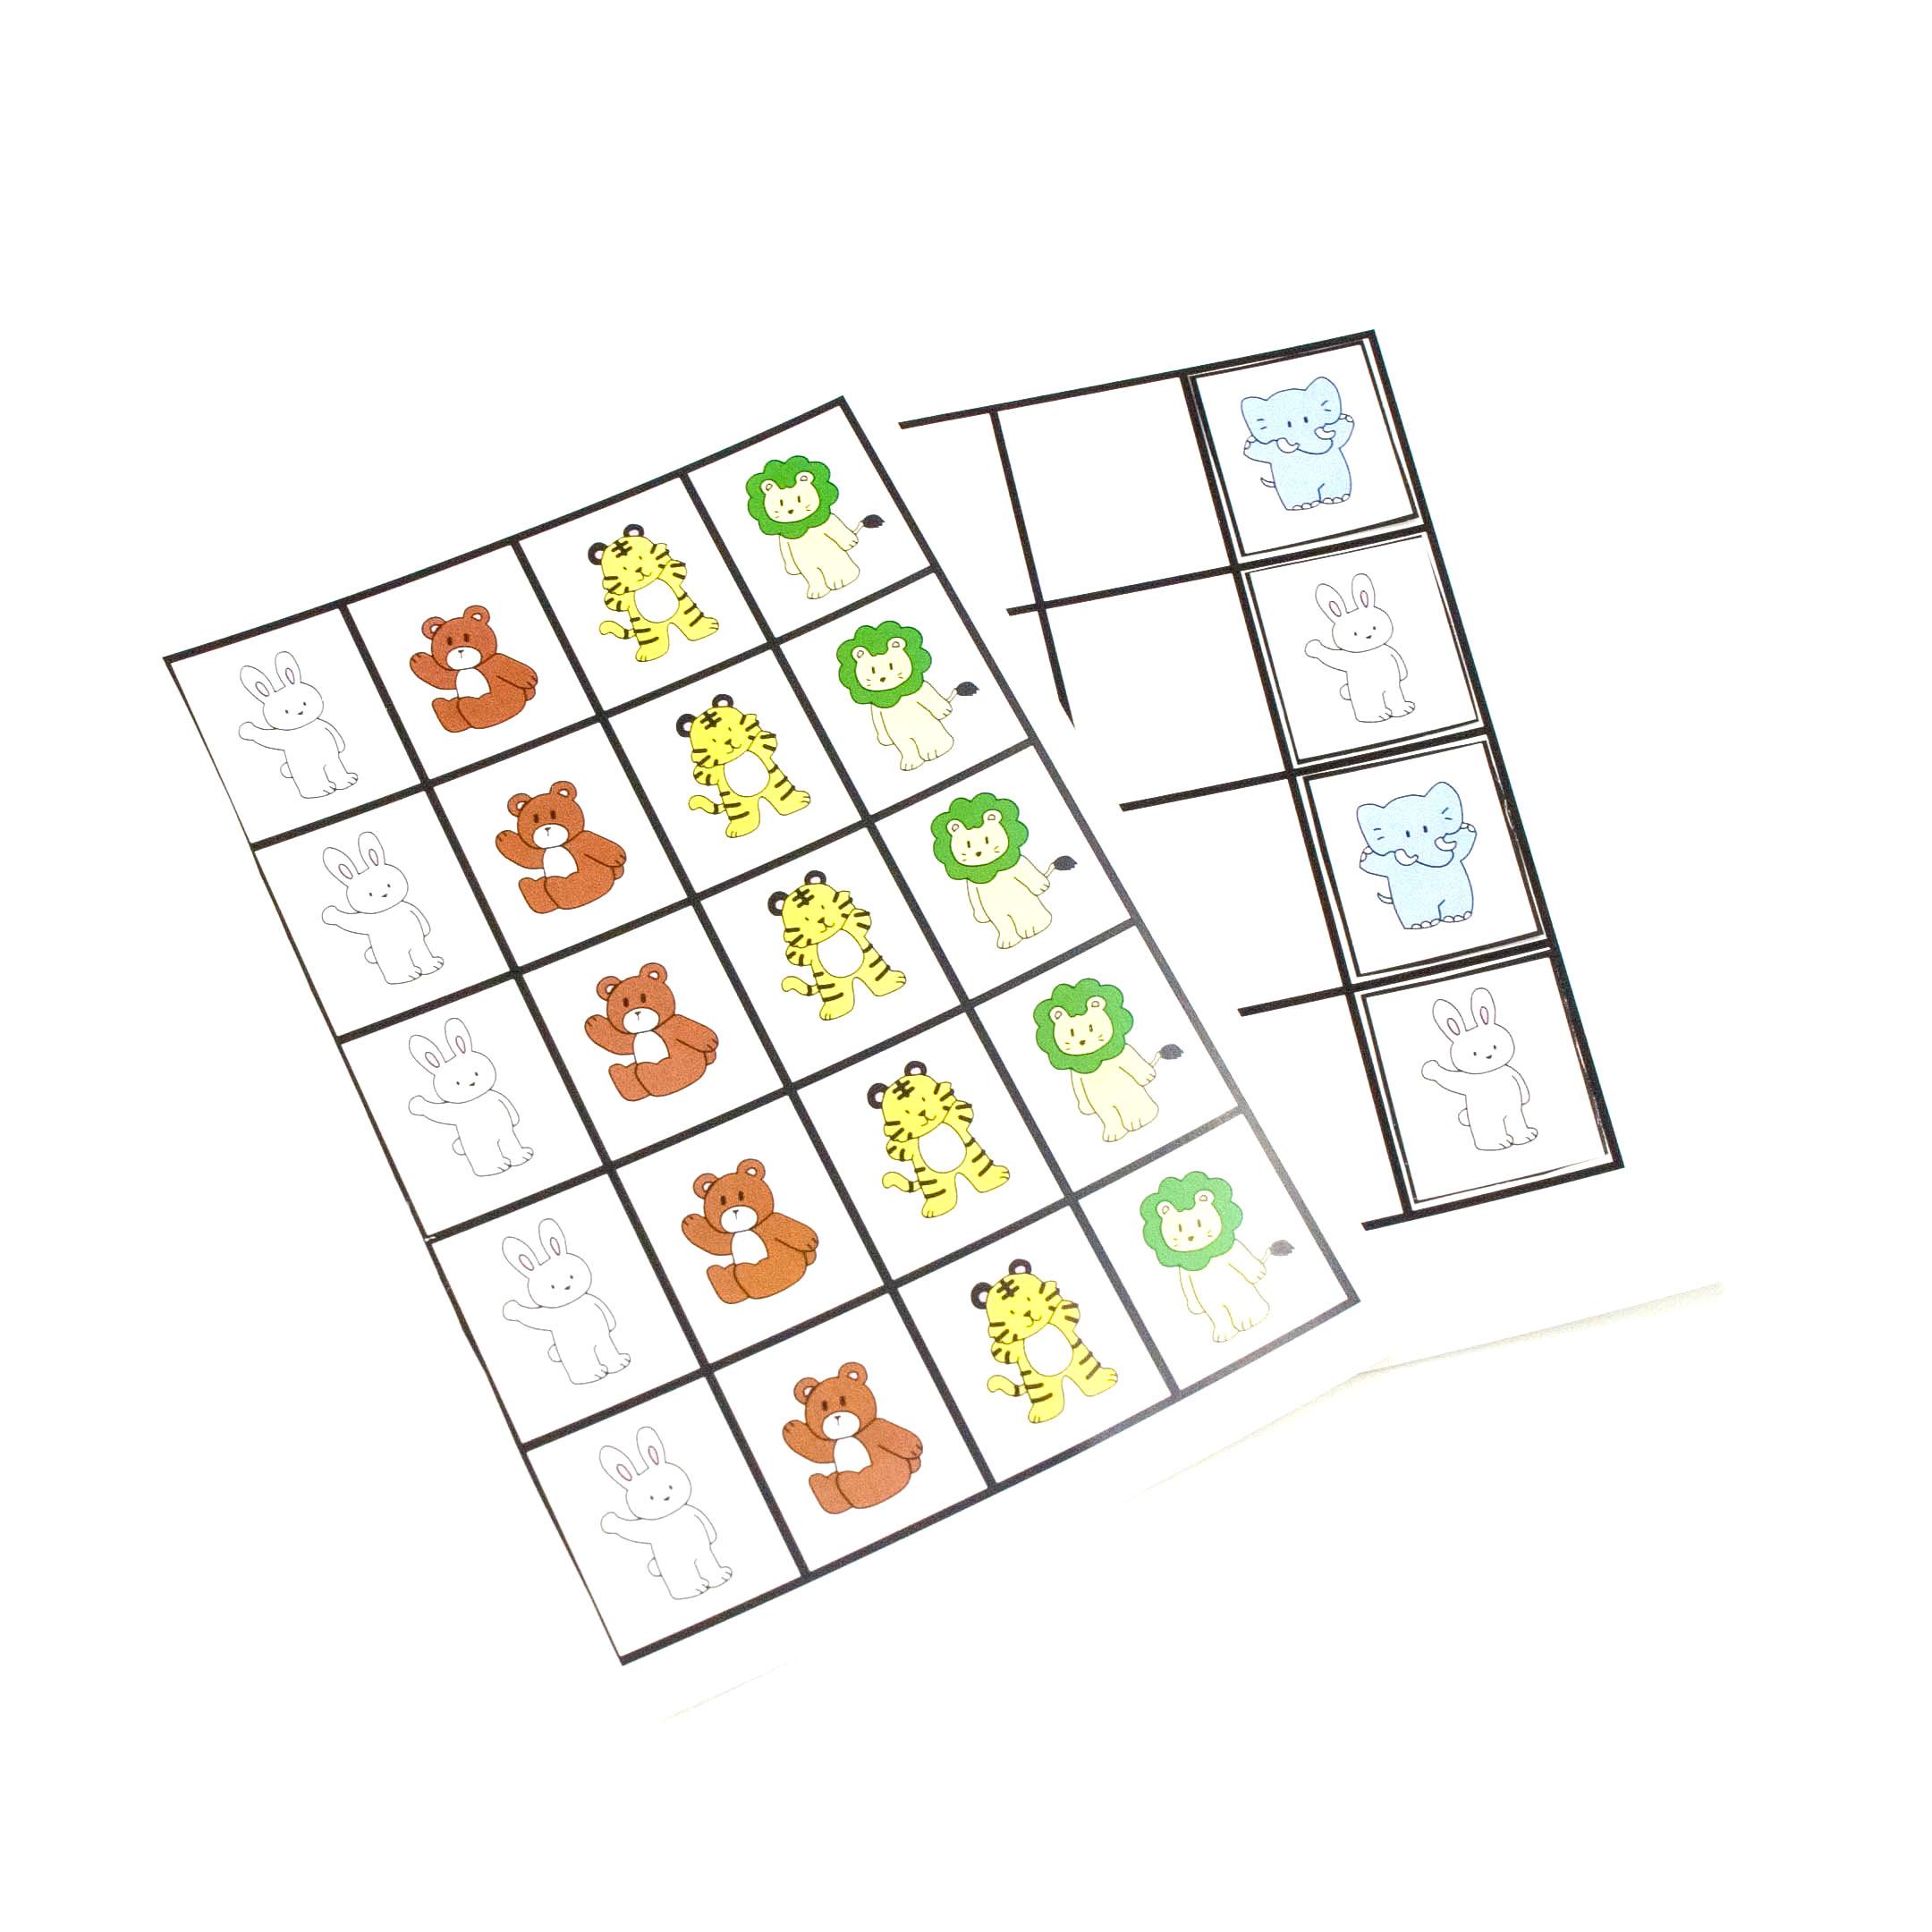 位置の記憶ゲーム